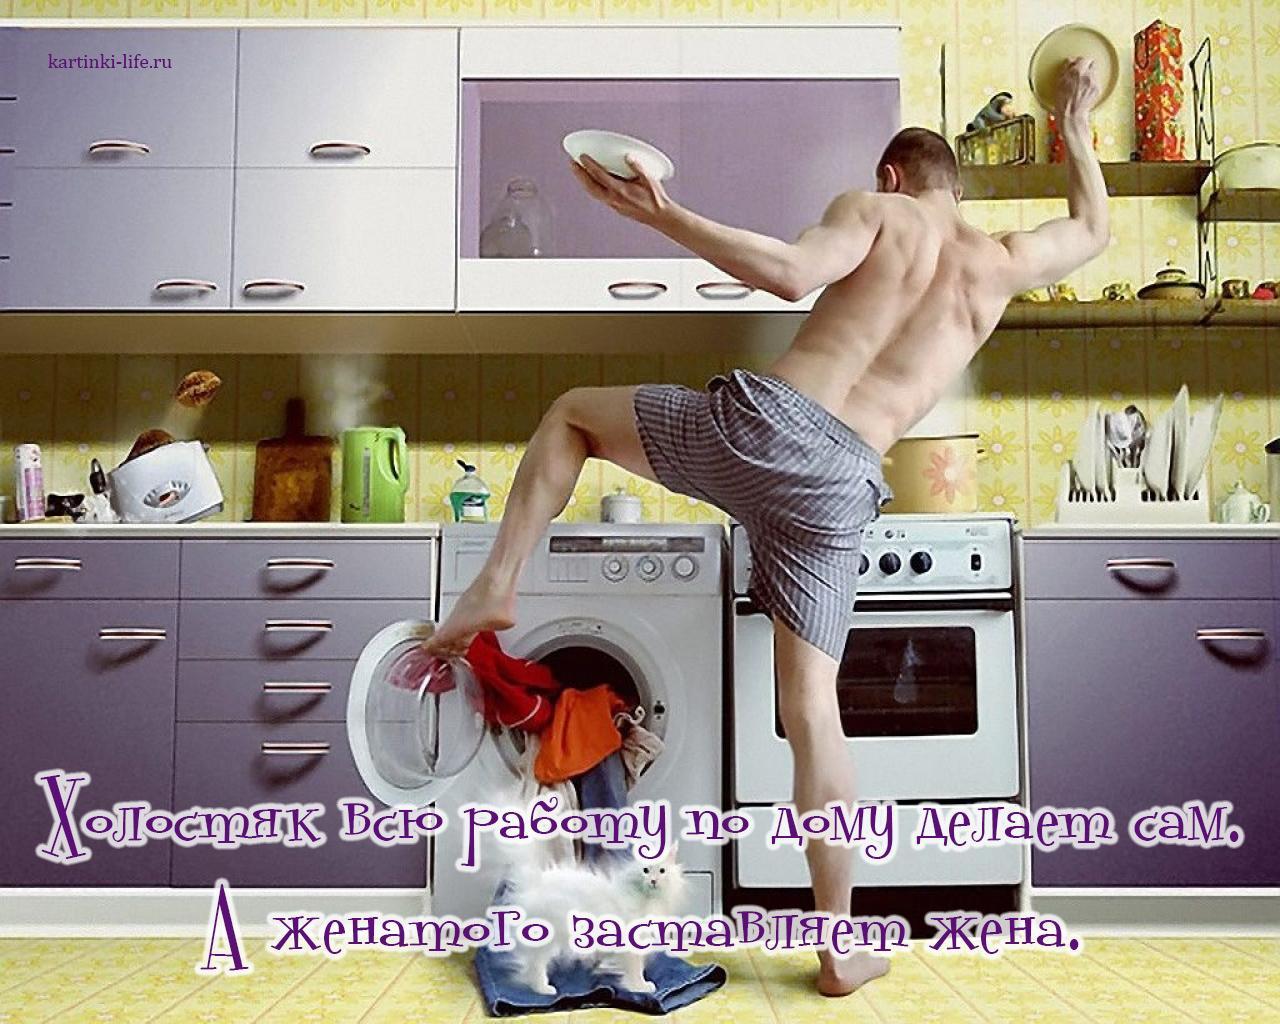 Холостяк всю работу по дому делает сам. А женатого заставляет жена.